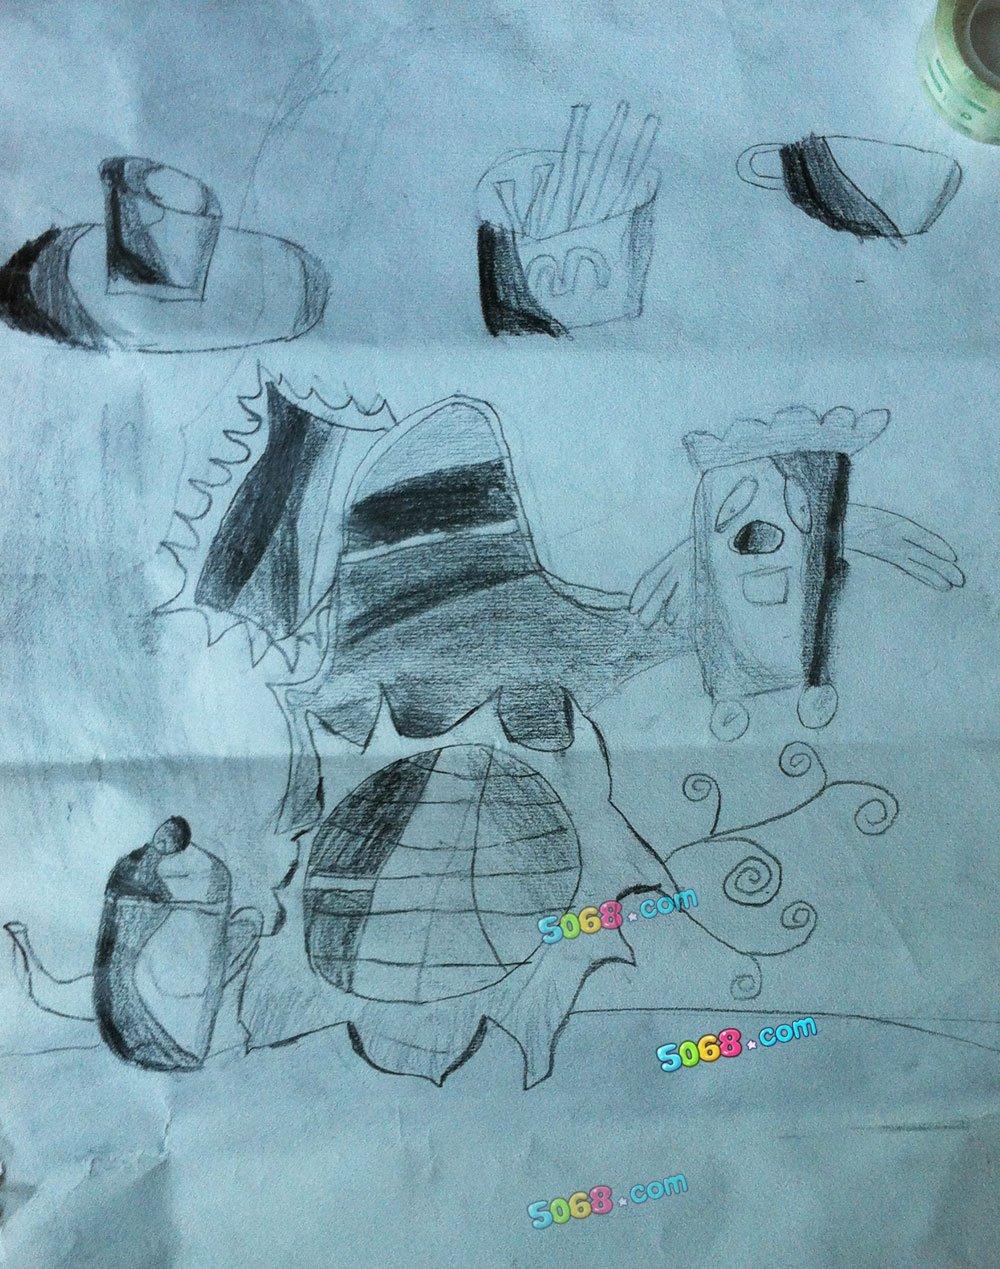 梦幻世界简笔画 梦幻世界图片欣赏 梦幻世界儿童画画作品